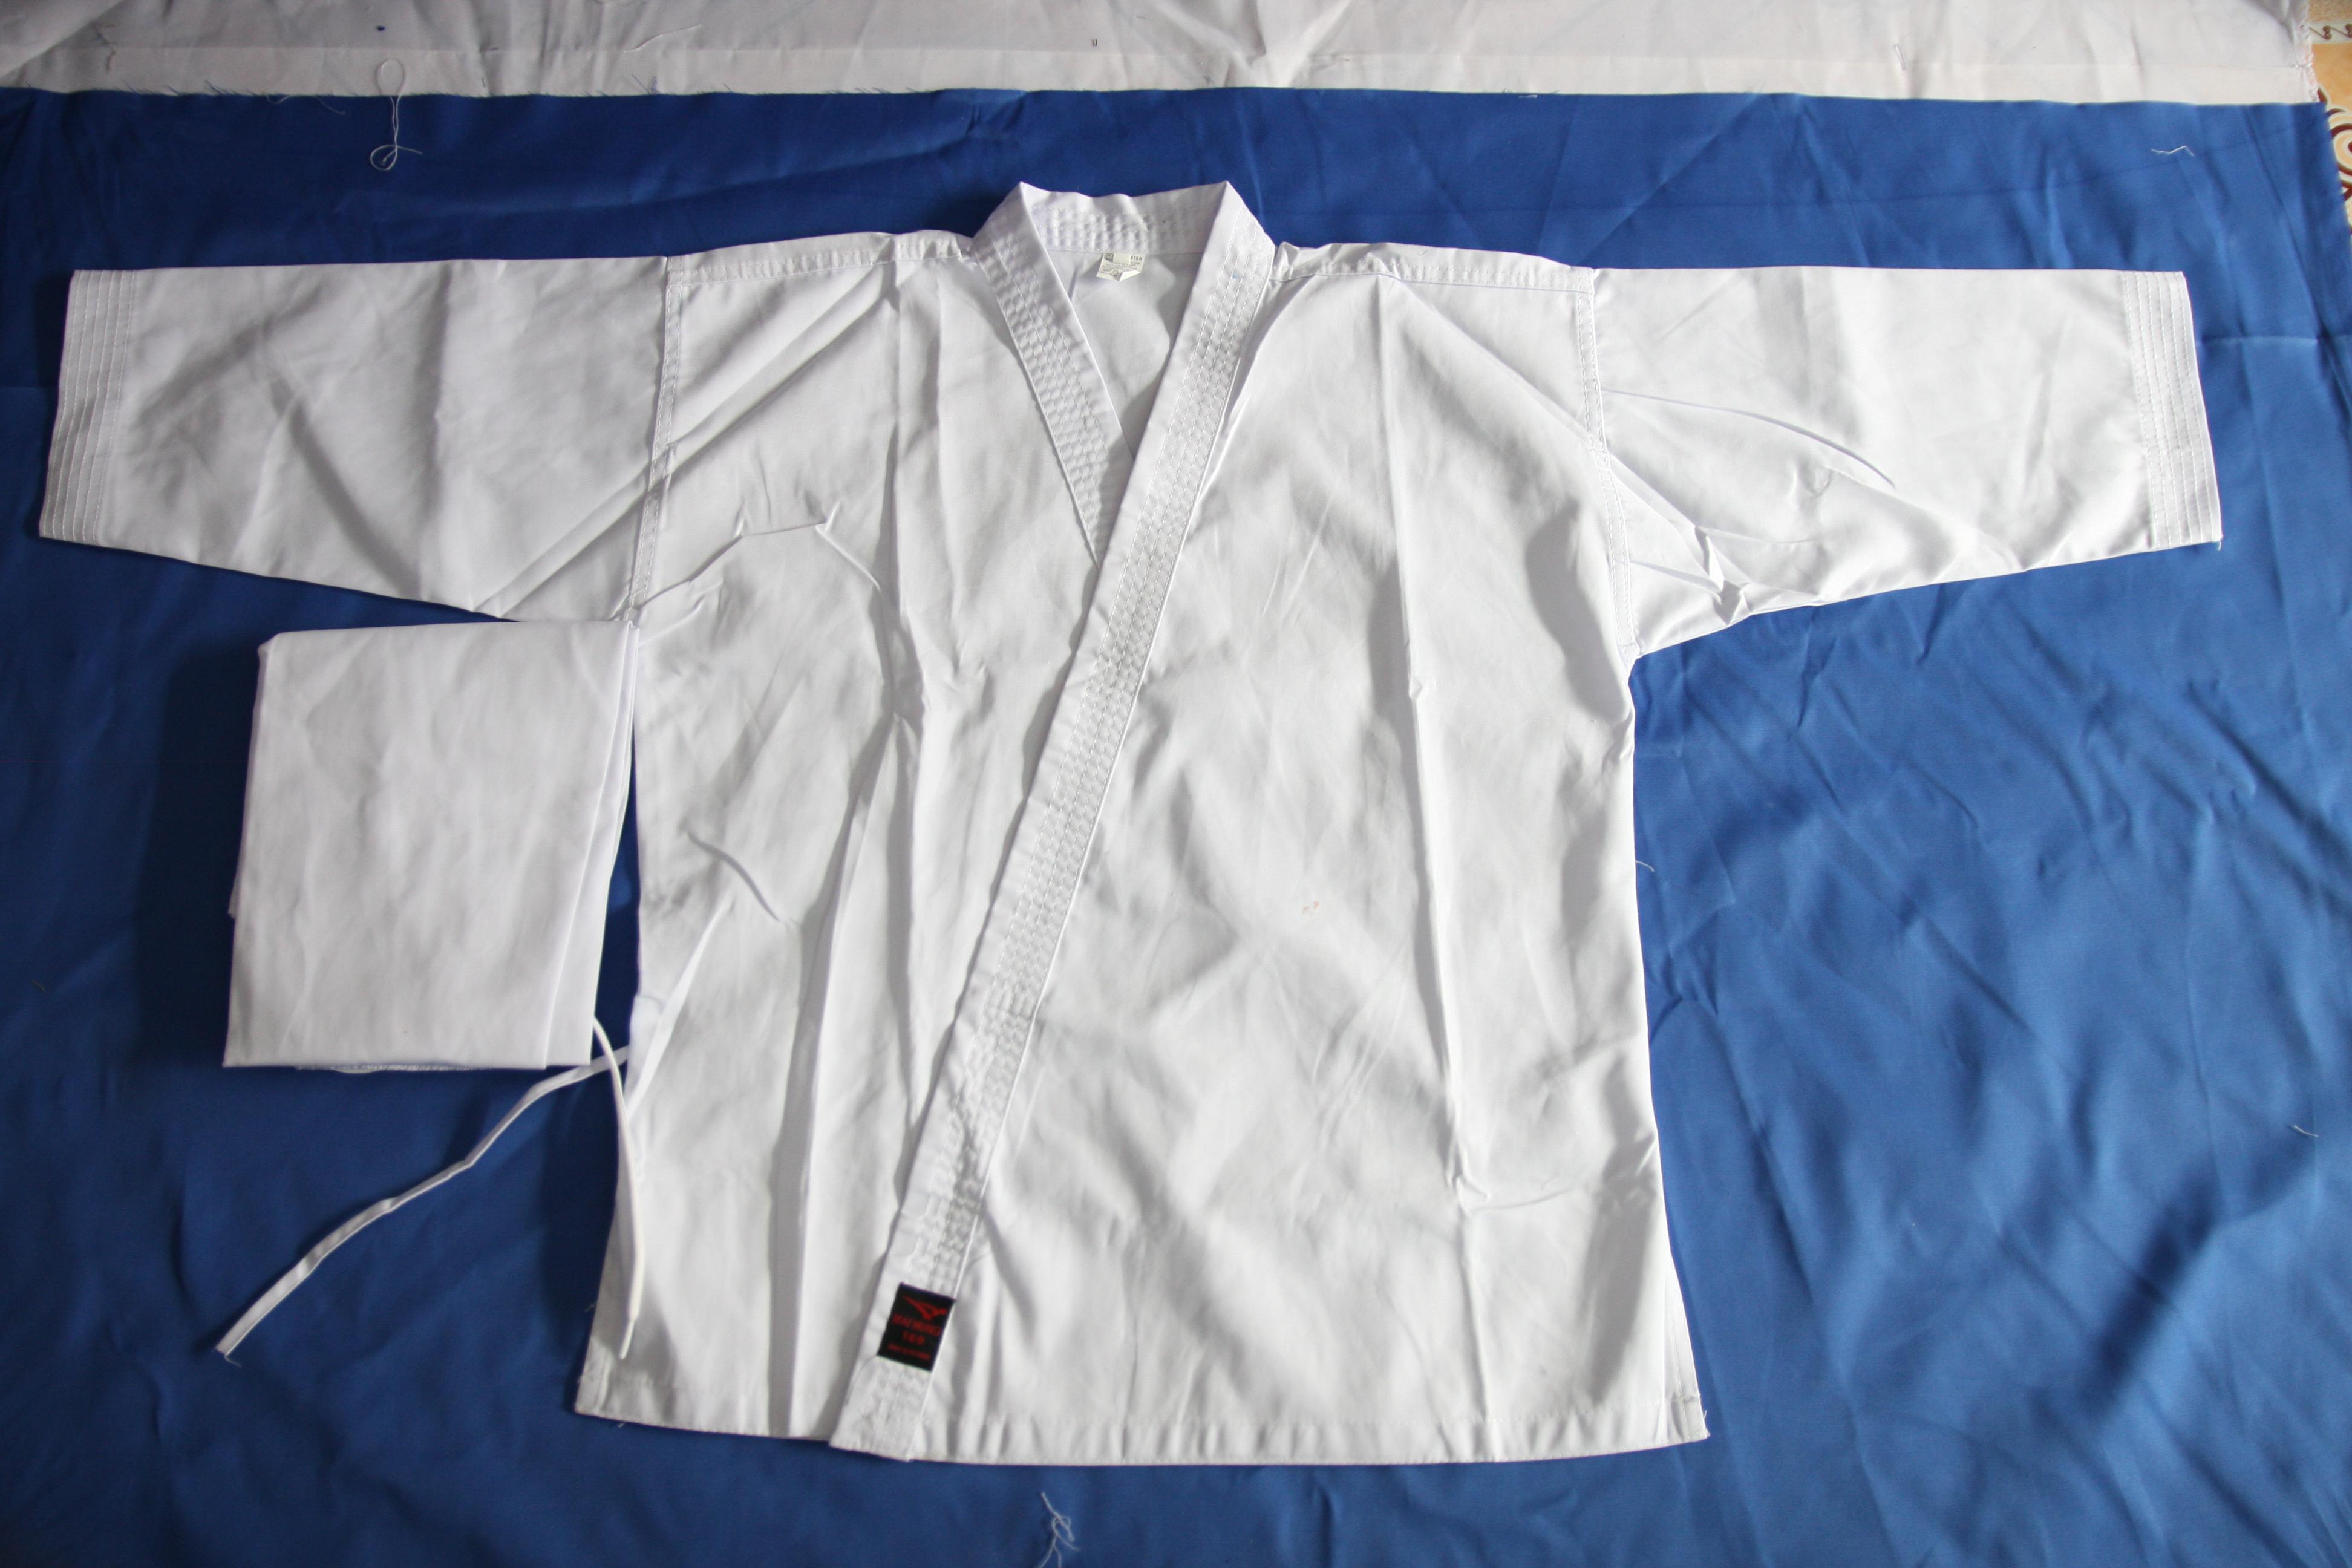 Võ phục Karate-do / Aikido / judo